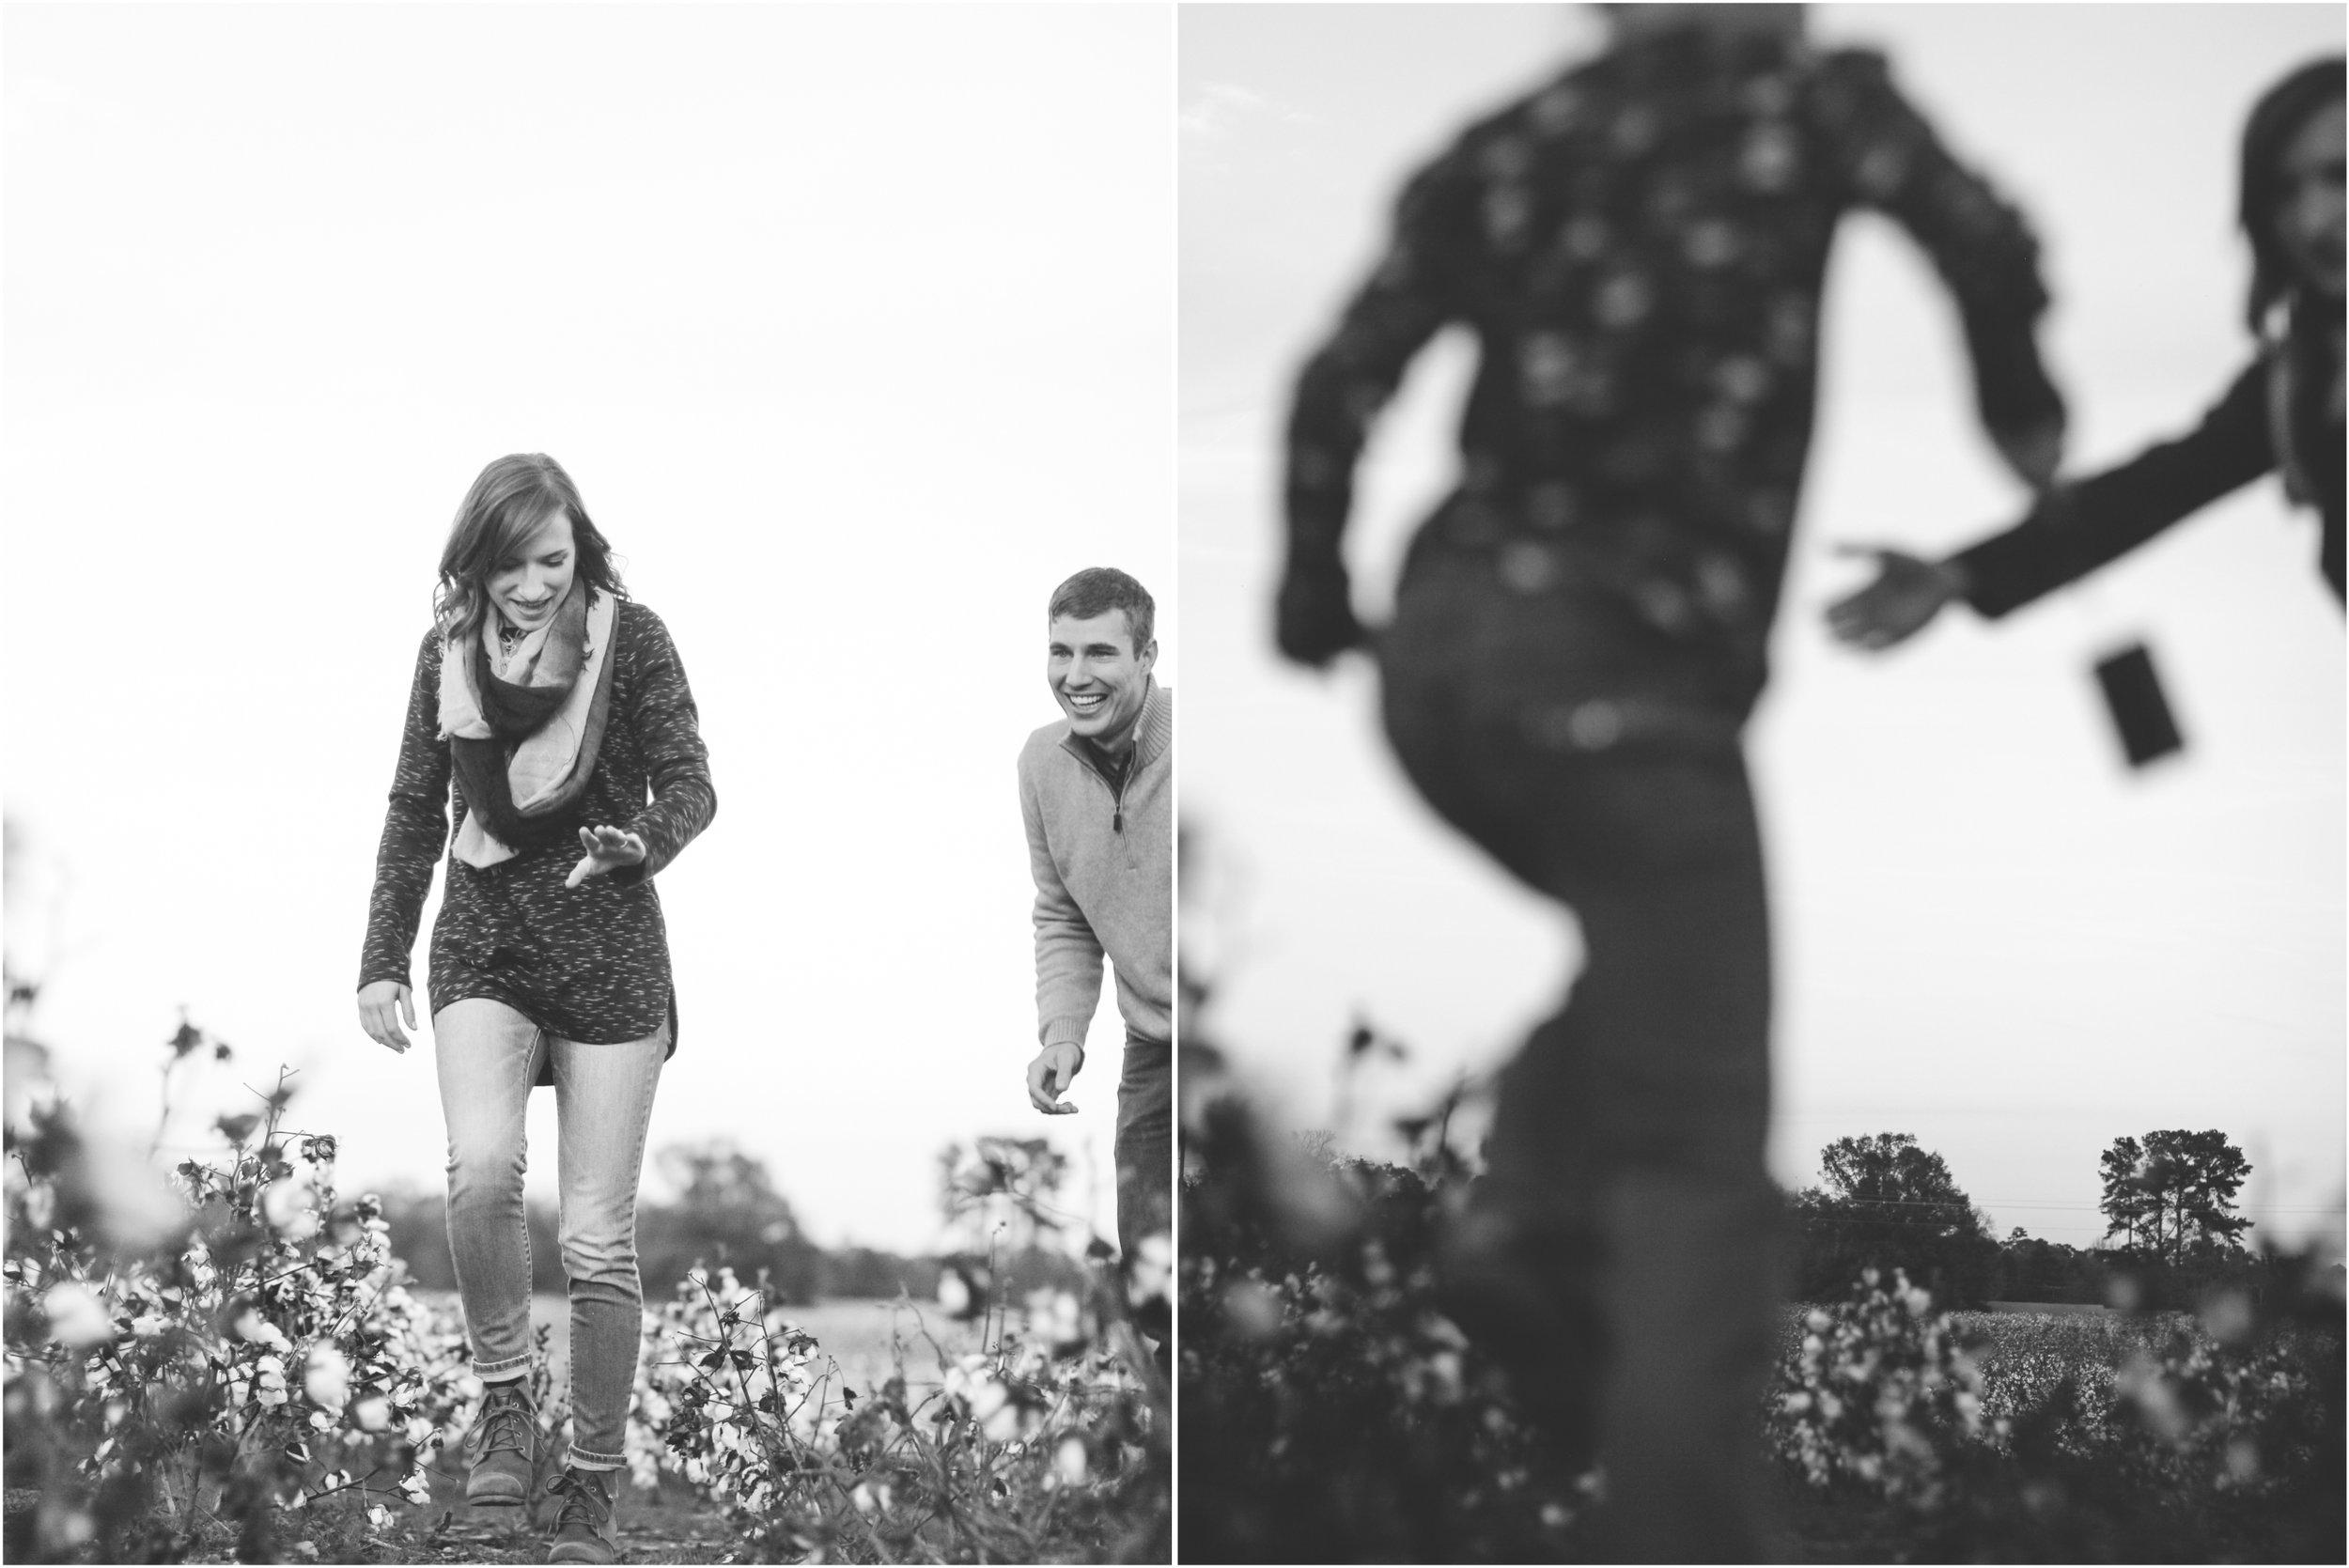 Jon Courville Photography